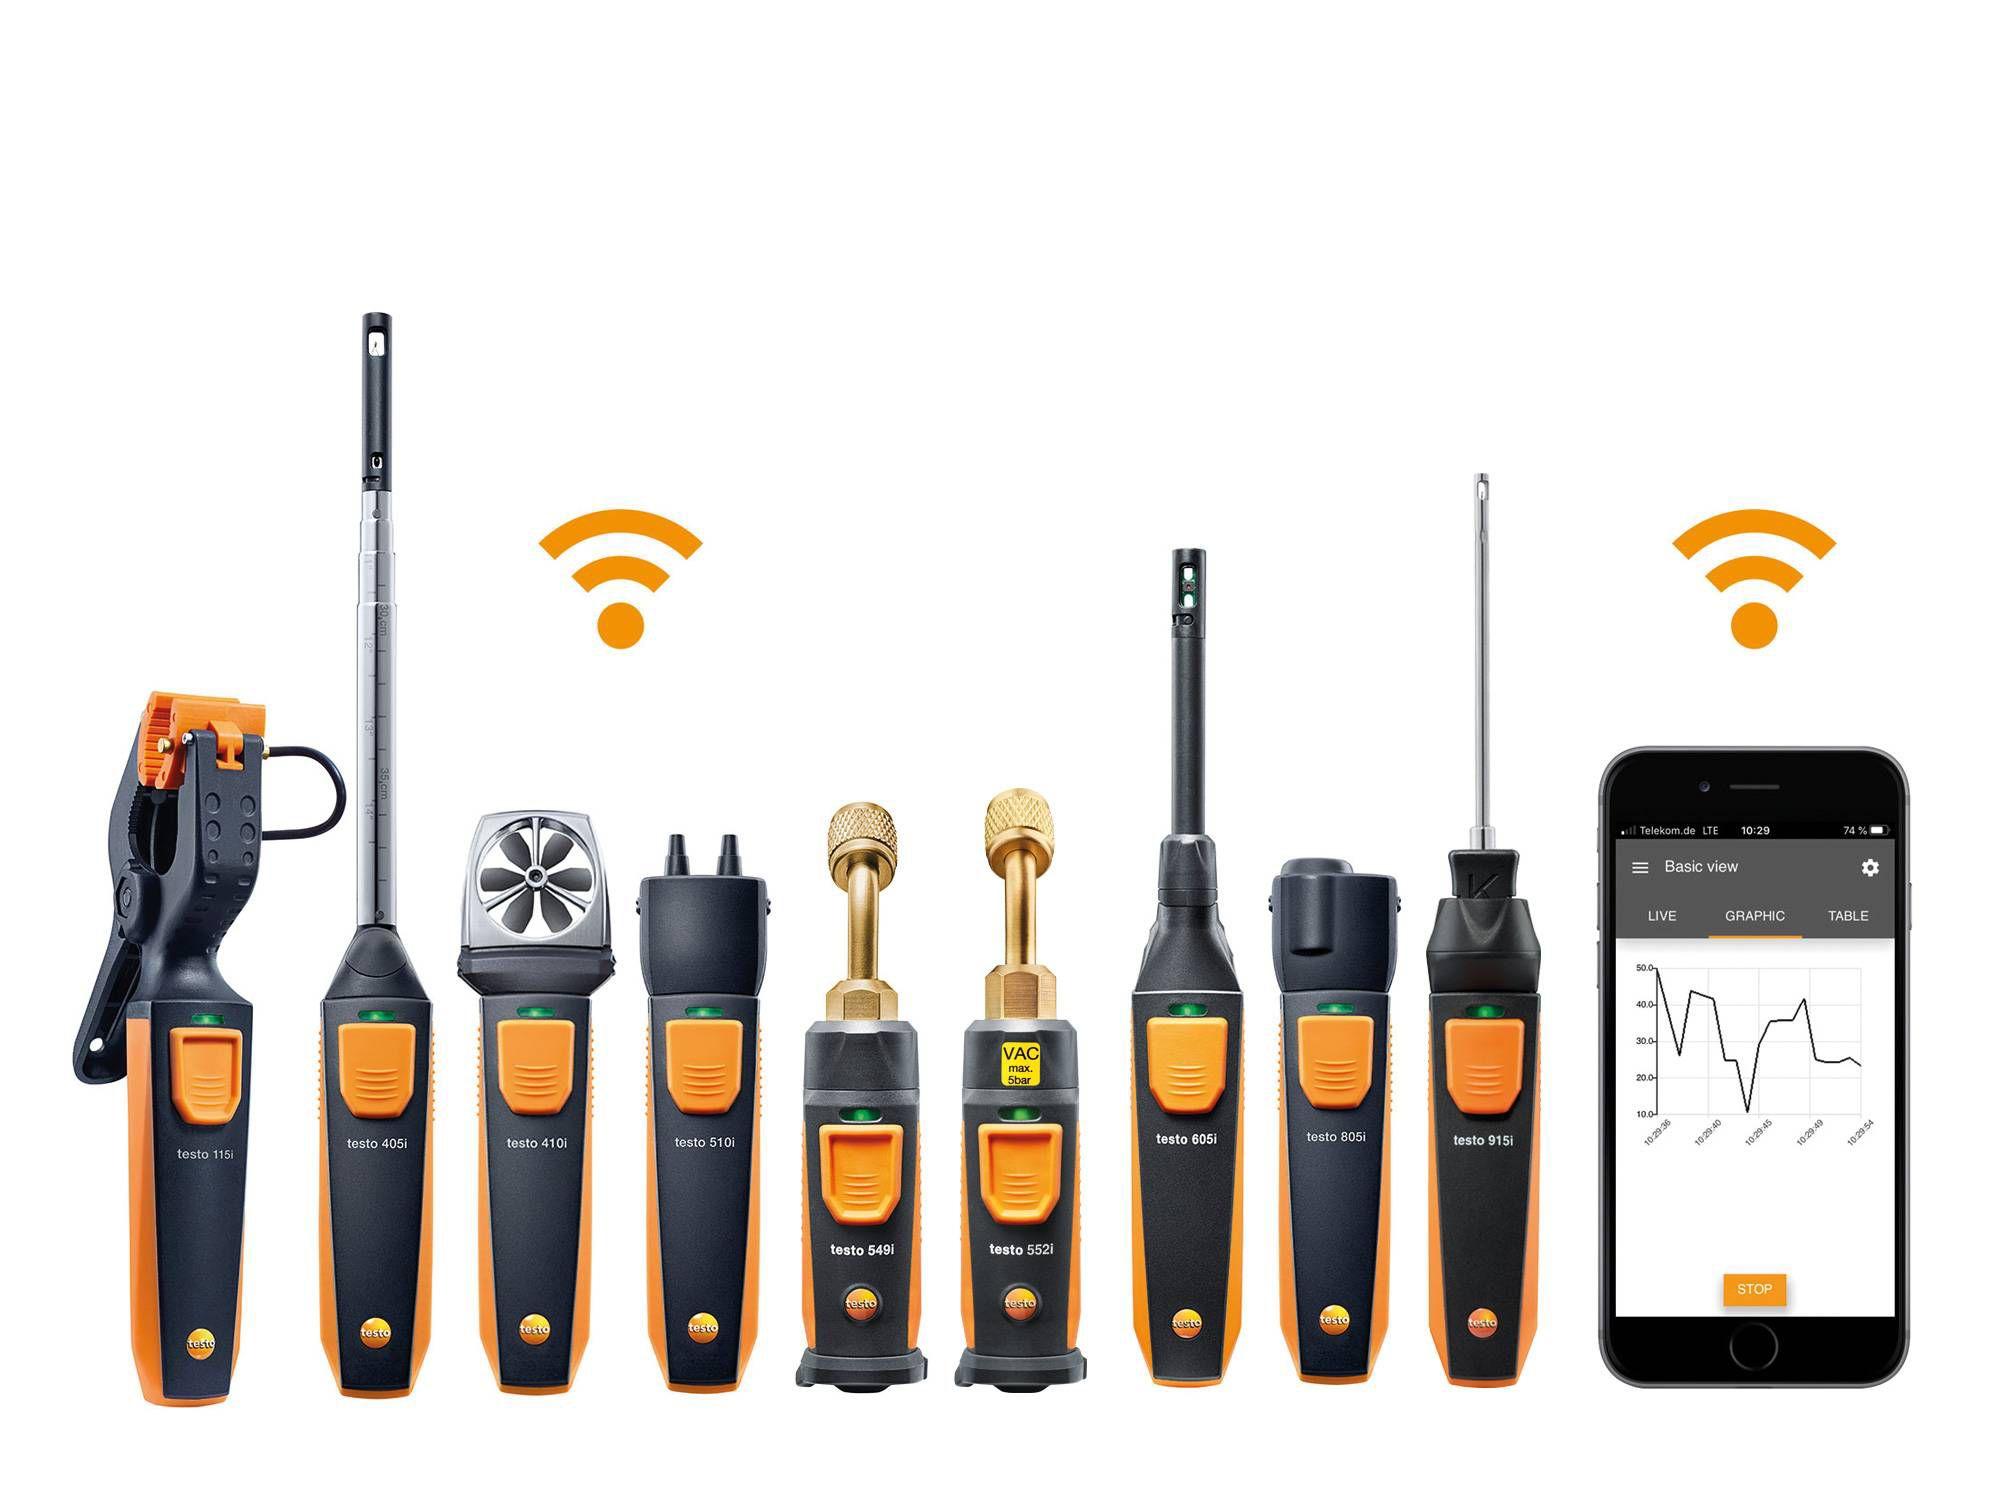 Medición más móvil, sencilla y productiva